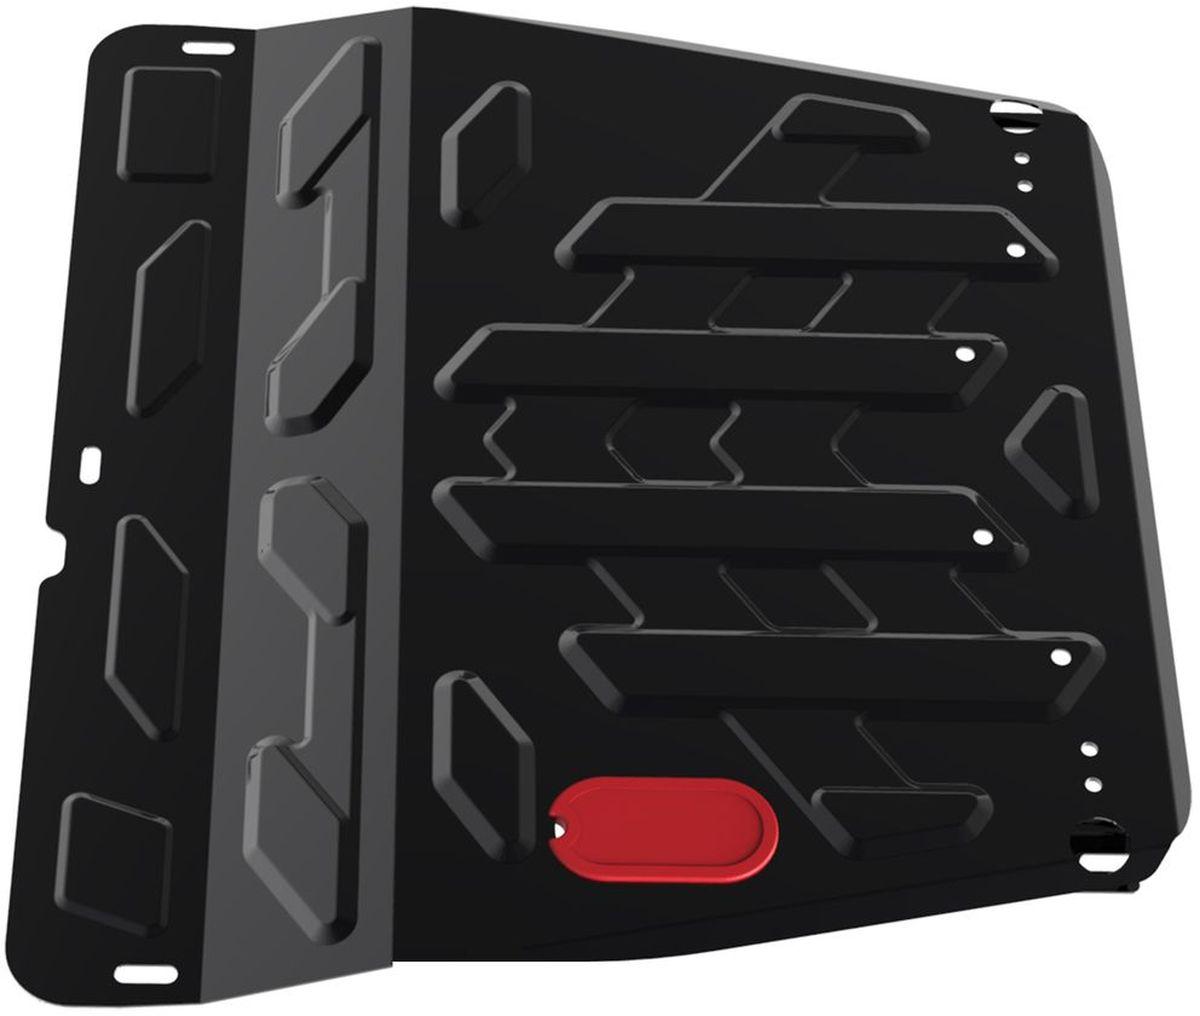 Защита картера и КПП Автоброня, для Ssang Yong Actyon. 111.05307.21004900000360Технологически совершенный продукт за невысокую стоимость.Защита разработана с учетом особенностей днища автомобиля, что позволяет сохранить дорожный просвет с минимальным изменением.Защита устанавливается в штатные места кузова автомобиля. Глубокий штамп обеспечивает до двух раз больше жесткости в сравнении с обычной защитой той же толщины. Проштампованные ребра жесткости препятствуют деформации защиты при ударах.Тепловой зазор и вентиляционные отверстия обеспечивают сохранение температурного режима двигателя в норме. Скрытый крепеж предотвращает срыв крепежных элементов при наезде на препятствие.Шумопоглощающие резиновые элементы обеспечивают комфортную езду без вибраций и скрежета металла, а съемные лючки для слива масла и замены фильтра - экономию средств и время.Конструкция изделия не влияет на пассивную безопасность автомобиля (при ударе защита не воздействует на деформационные зоны кузова). Со штатным крепежом. В комплекте инструкция по установке.Толщина стали: 2 мм.